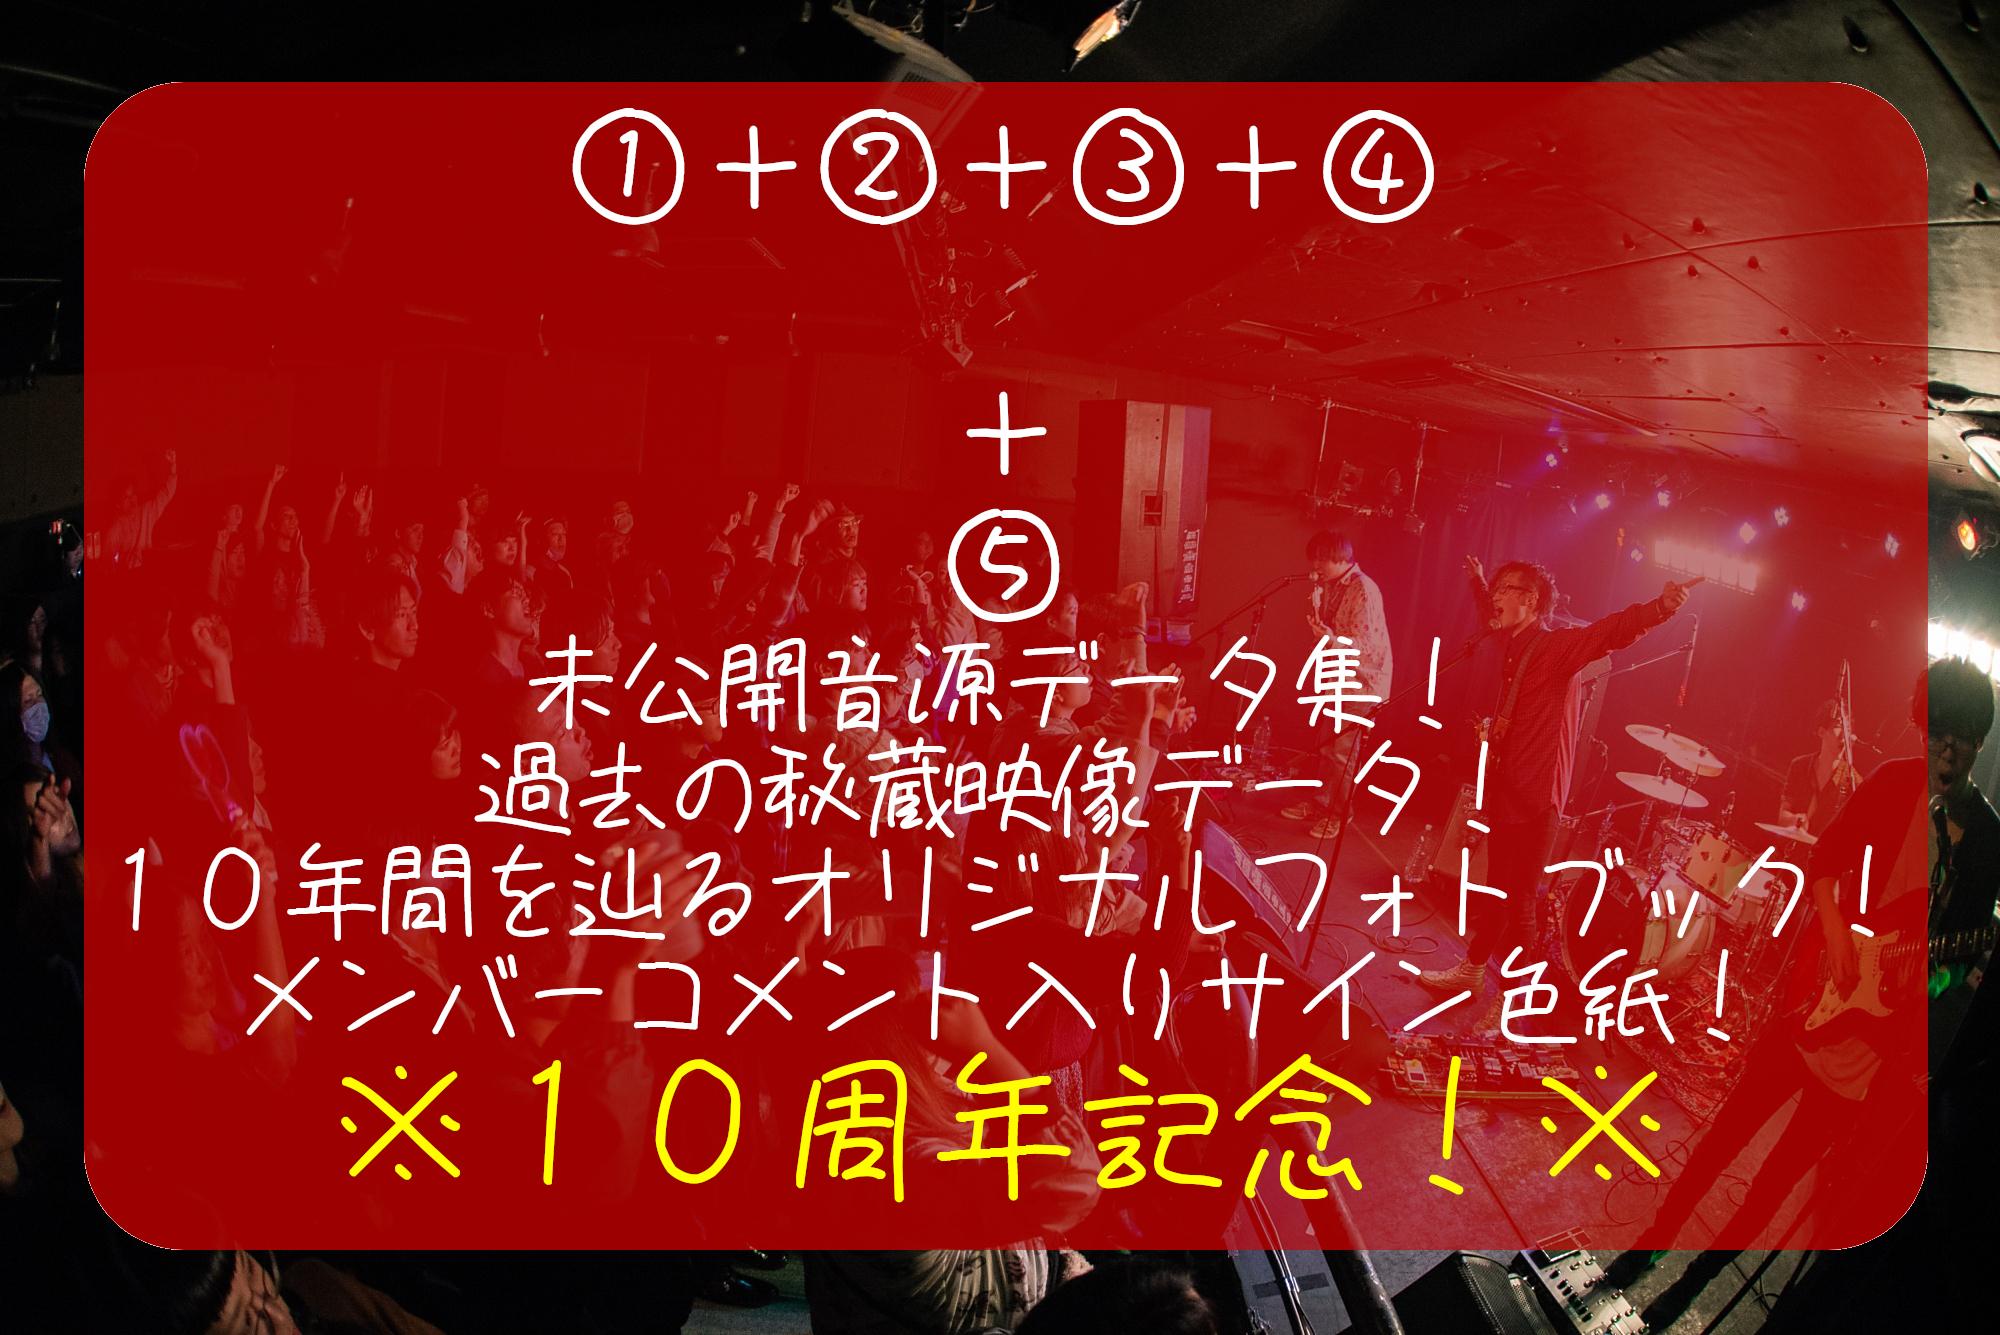 【10周年記念スペシャル プラン】